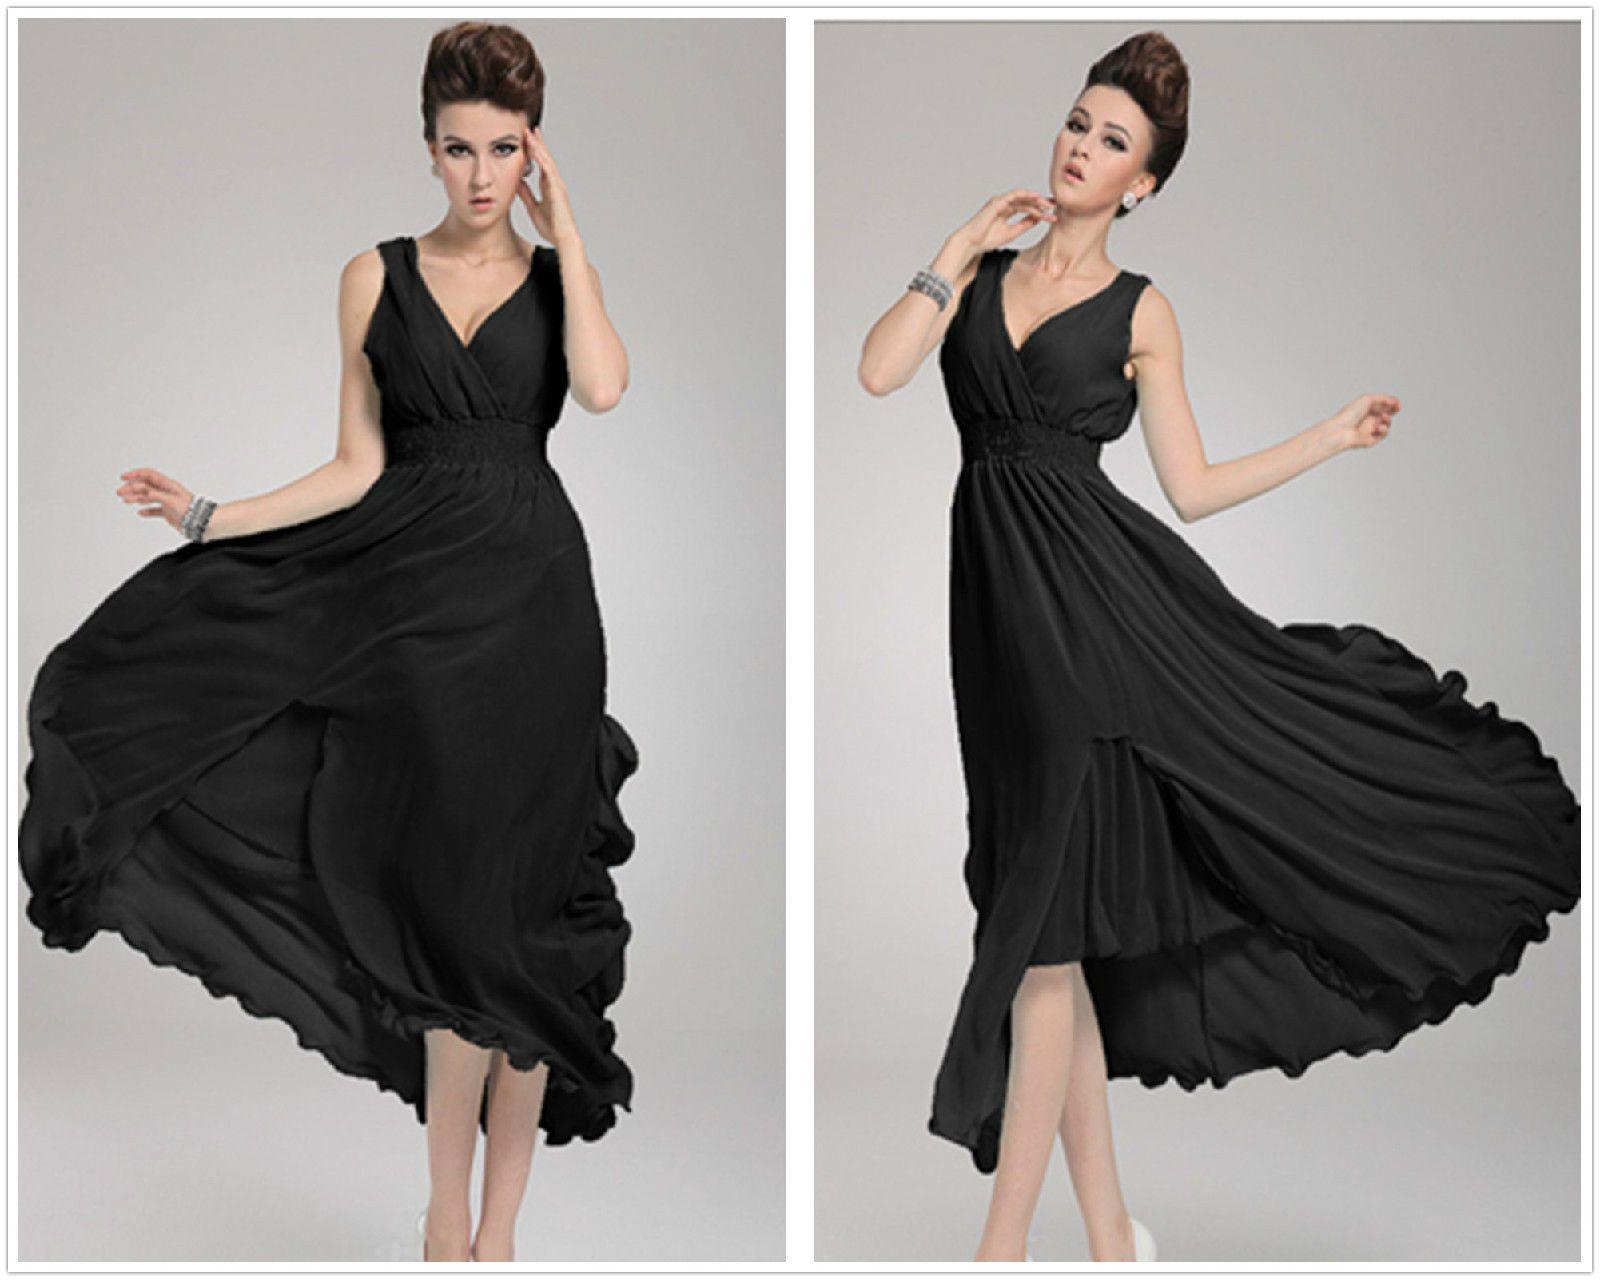 Fabric chiffon size bust waist length s m